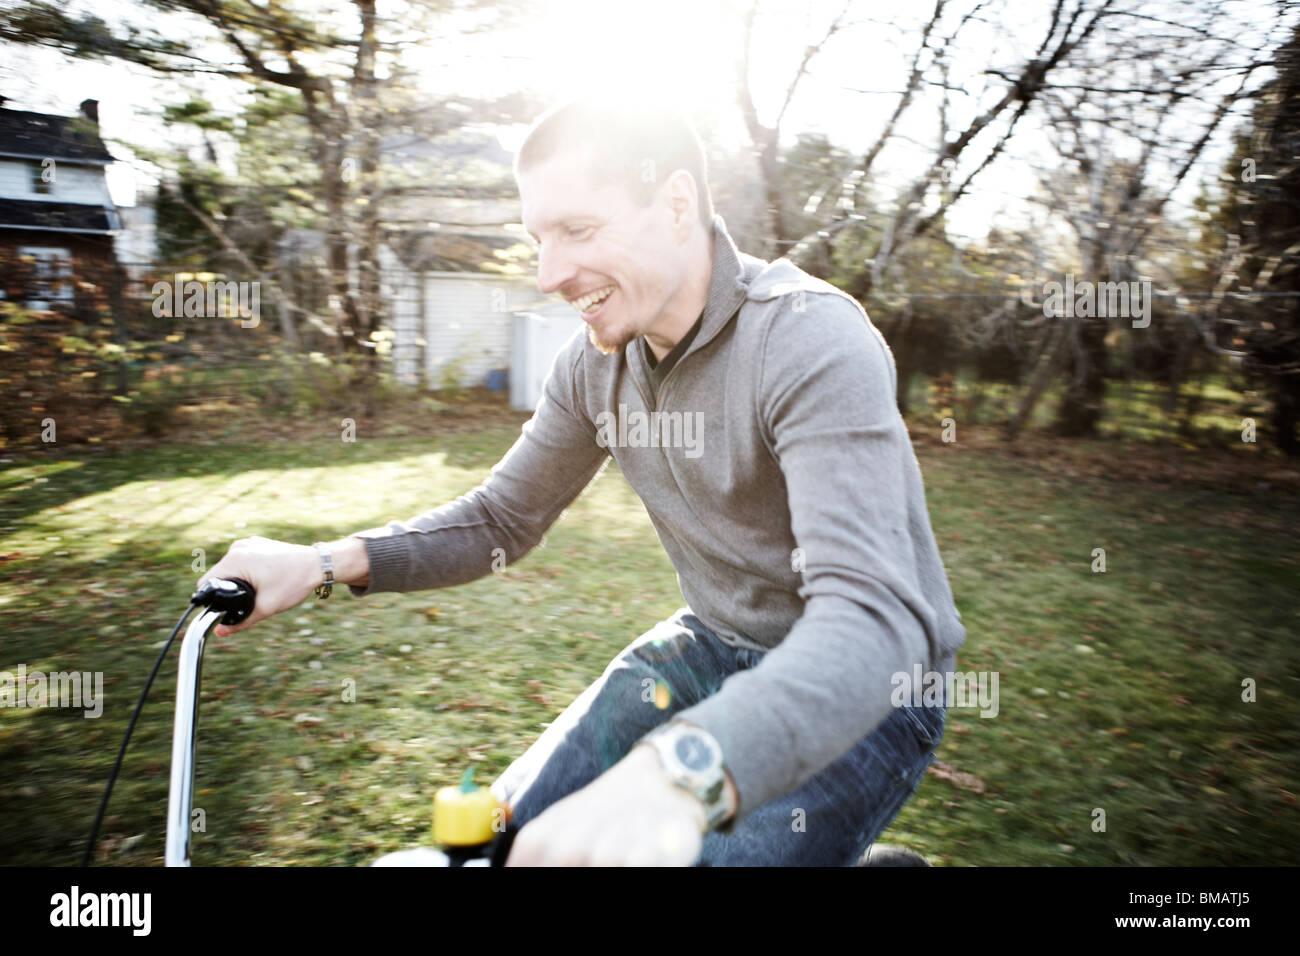 Mann auf dem Fahrrad Stockbild